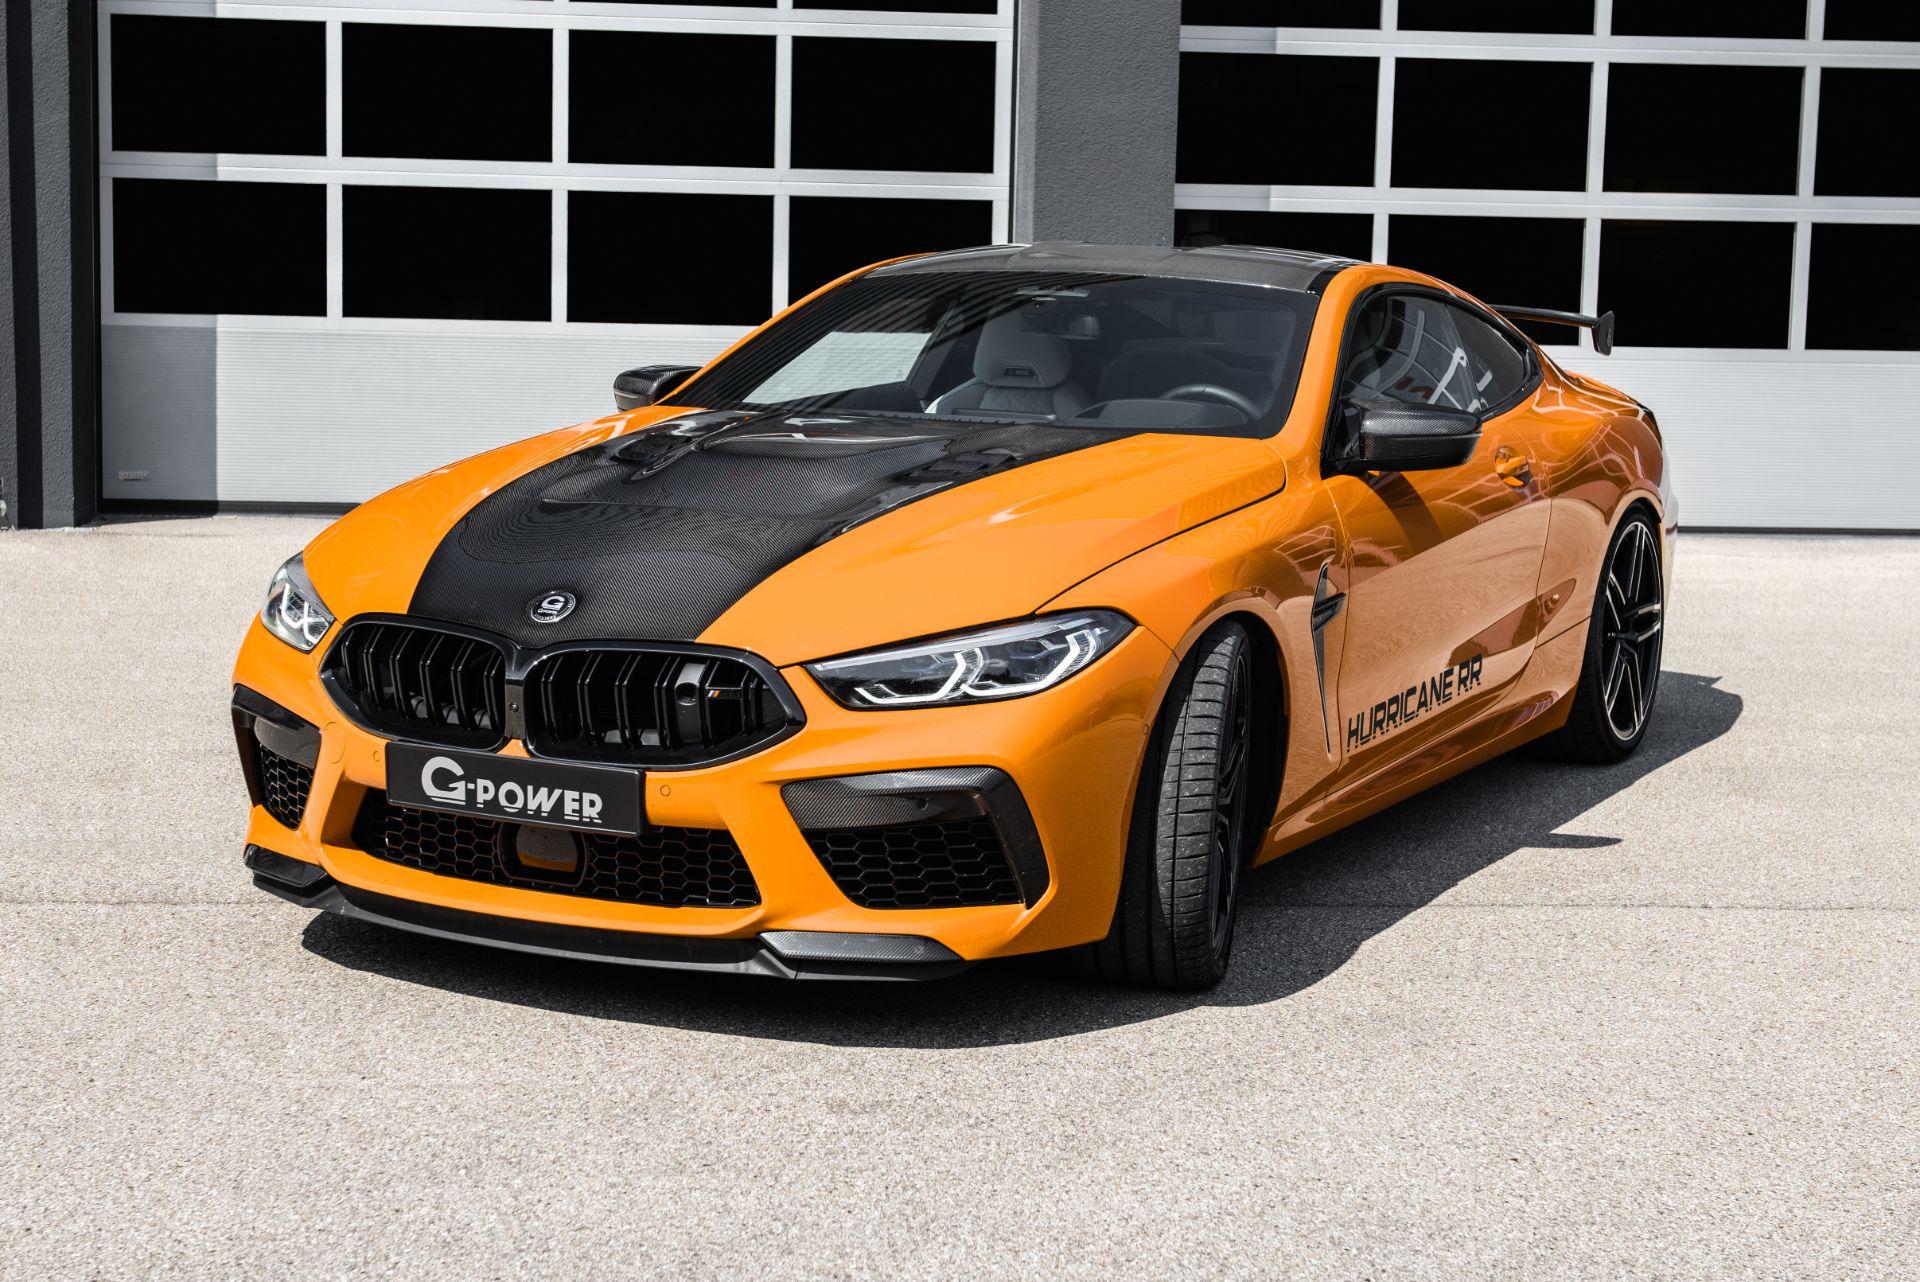 Купе, кабриолет и гран-купе BMW M8 не зря имеют статус флагманских моделей – комфорт и производительность у них на высочайшем уровне. Но, как это всегда бывает, тюнеры решили поискать способы их улучшить.